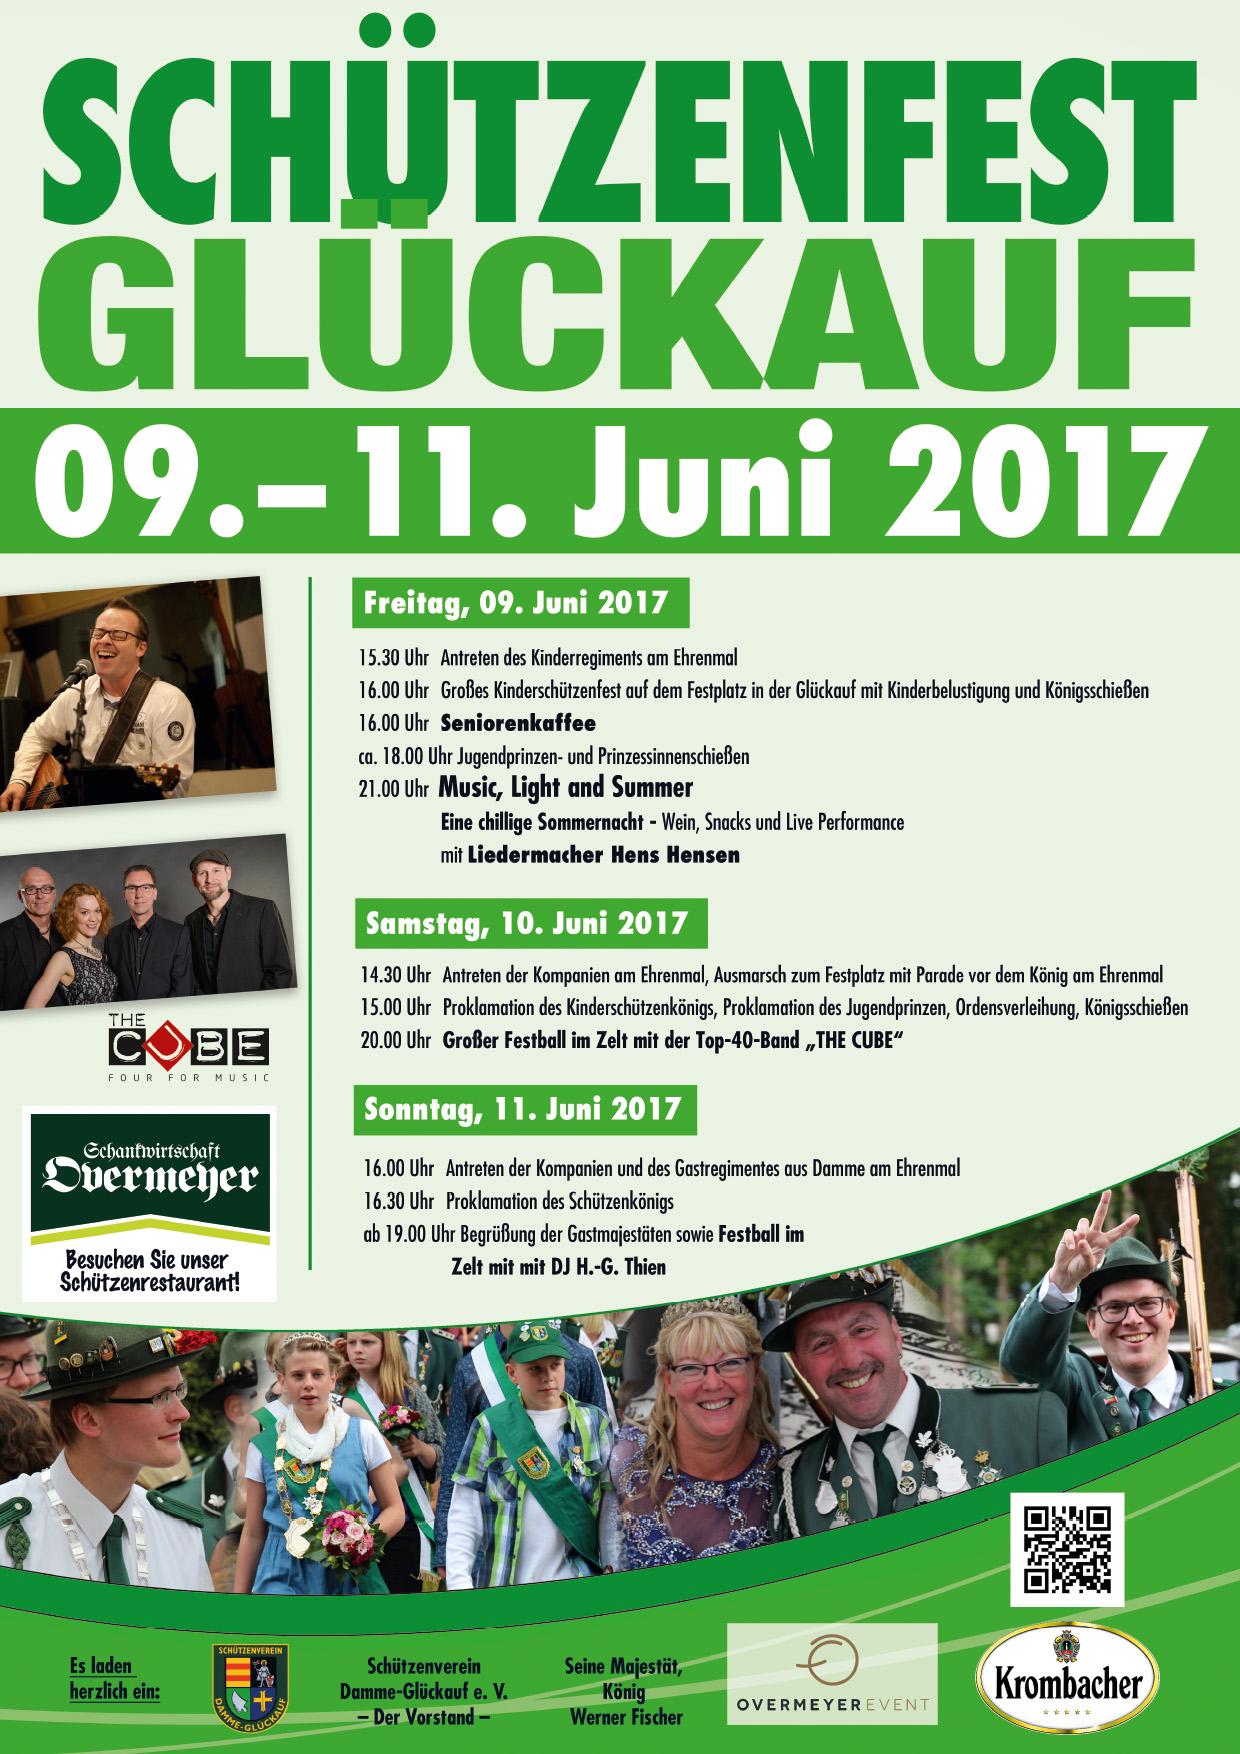 Schuetzenfest_2017_Plakat